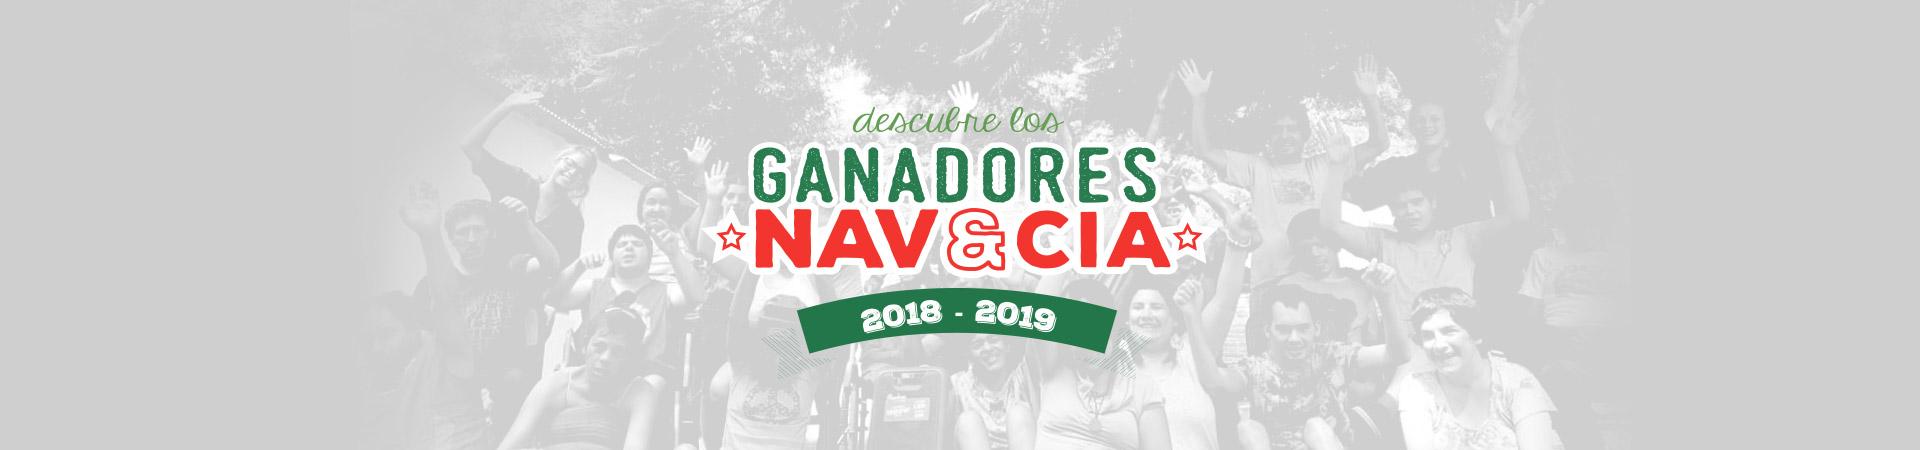 Slide-Ganadores_NavCia2018-19-ES